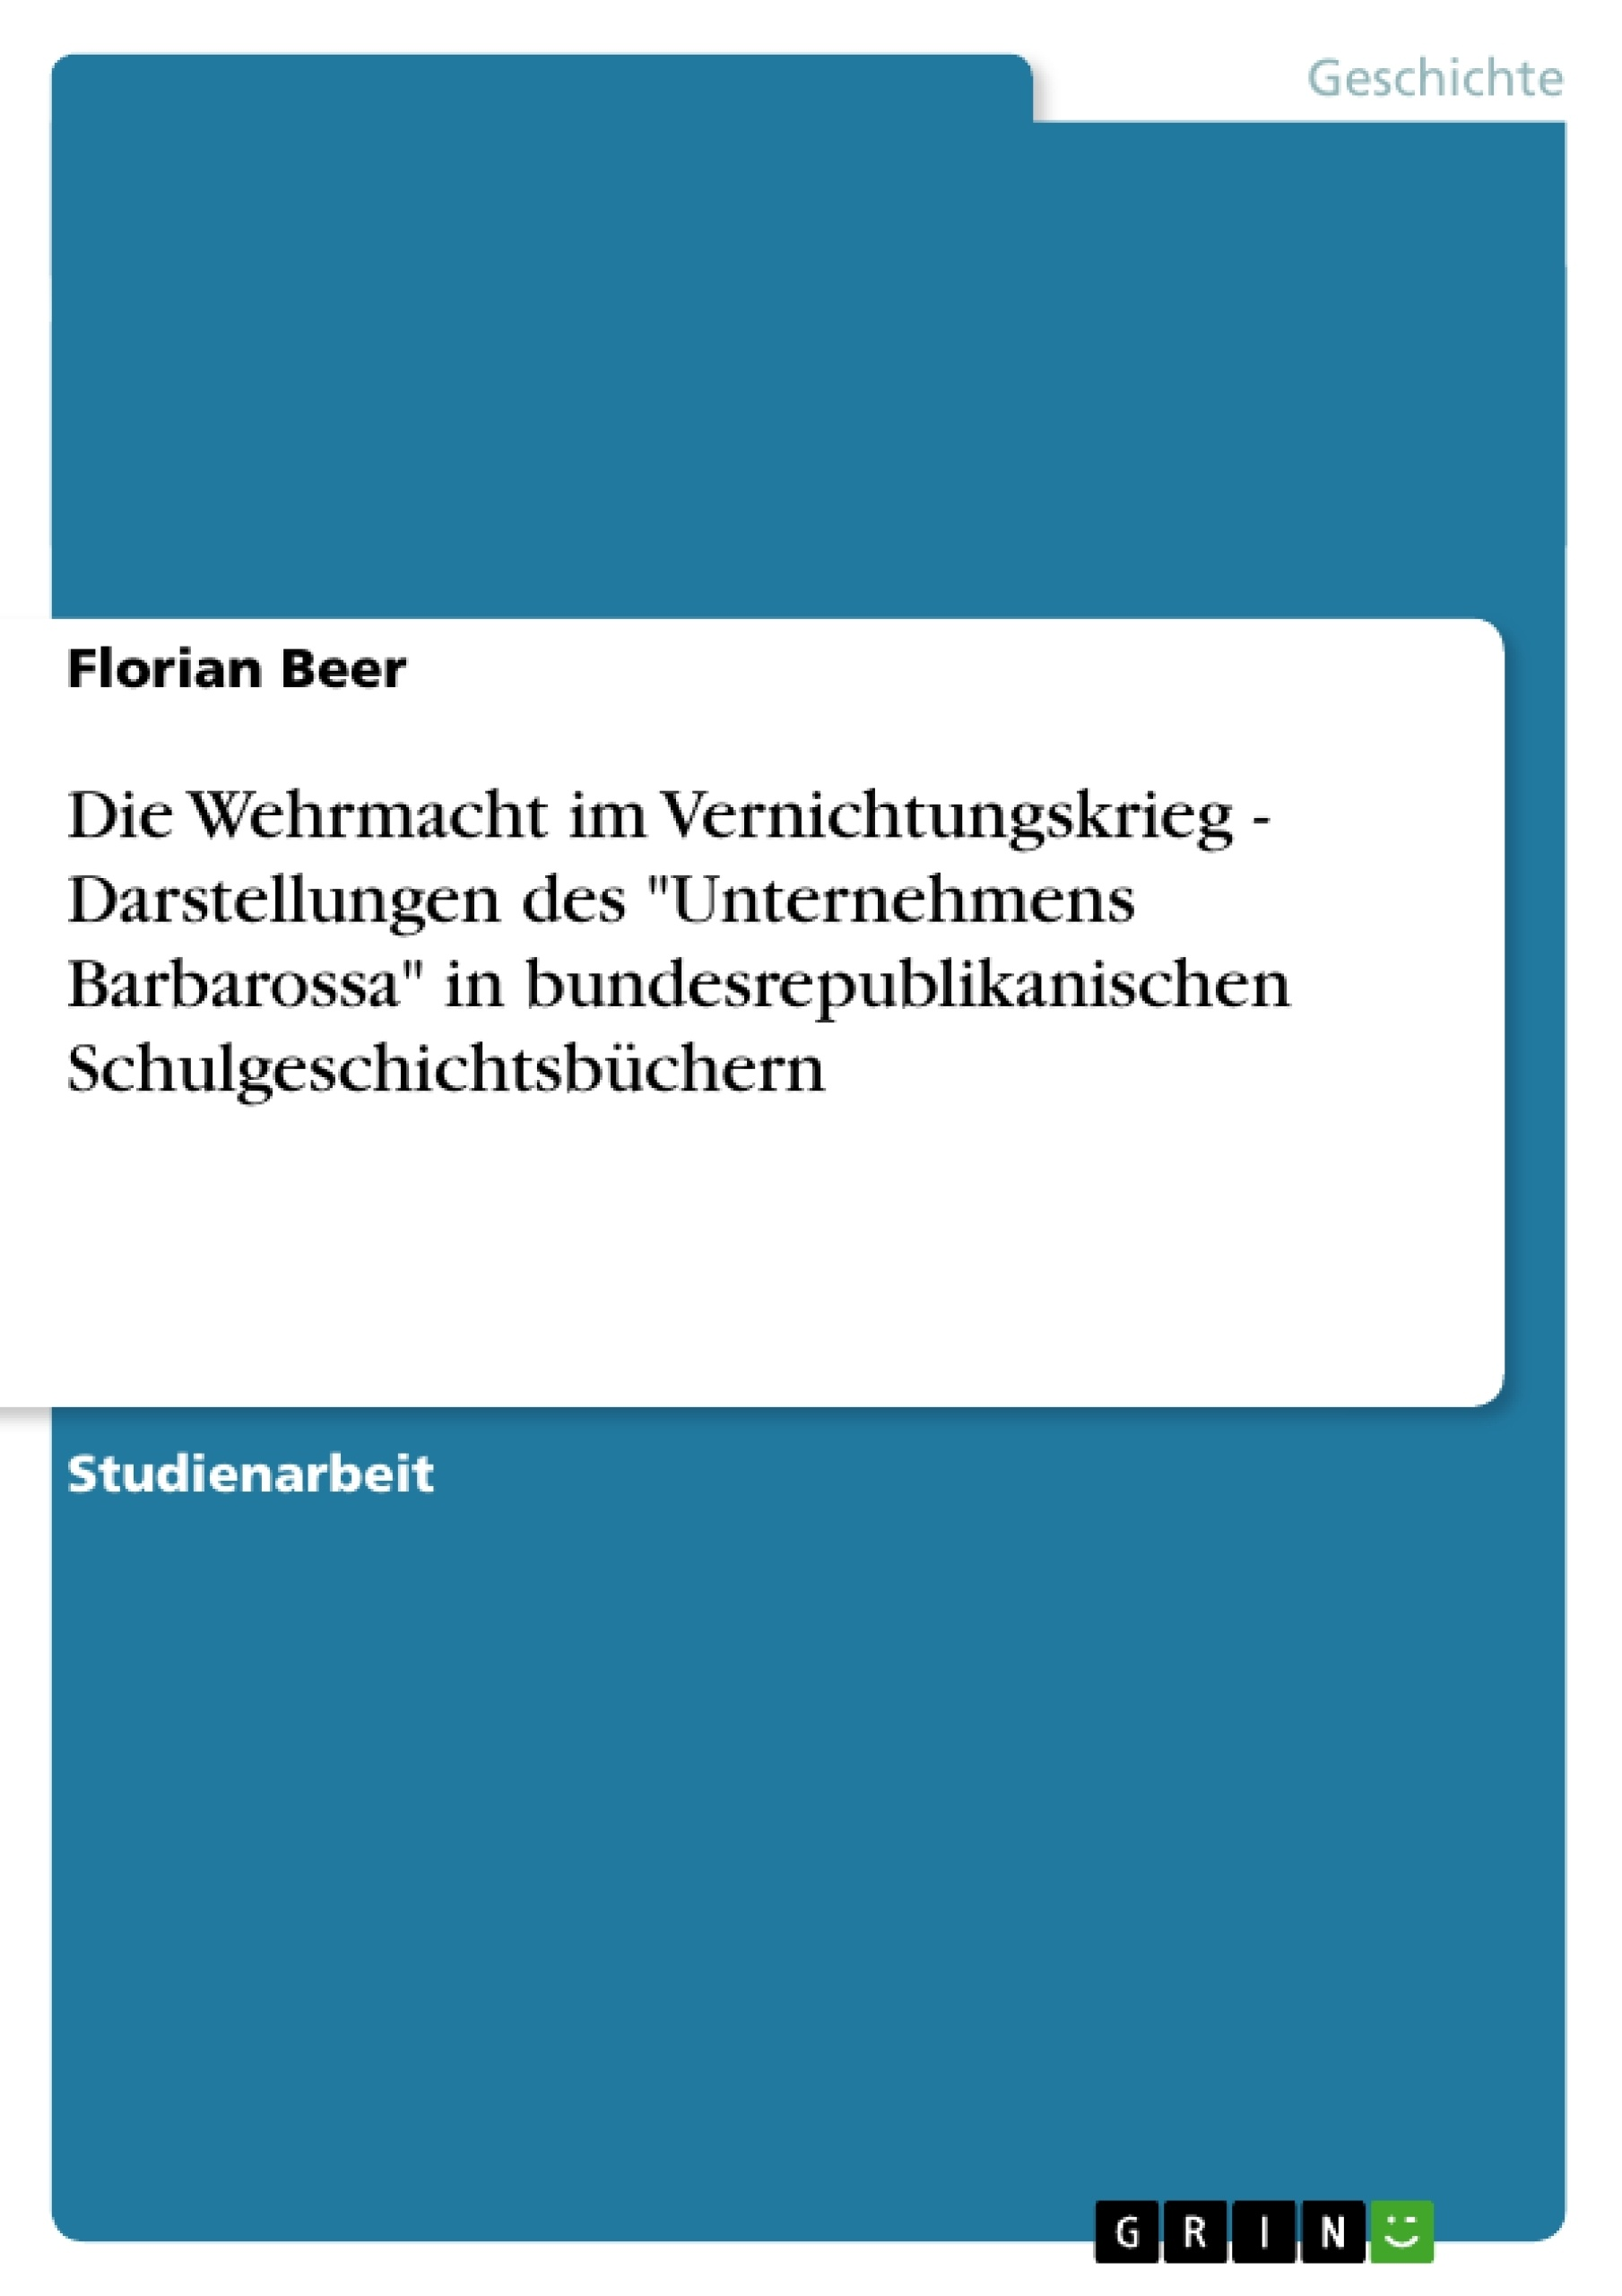 """Titel: Die Wehrmacht im Vernichtungskrieg - Darstellungen des """"Unternehmens Barbarossa"""" in bundesrepublikanischen Schulgeschichtsbüchern"""